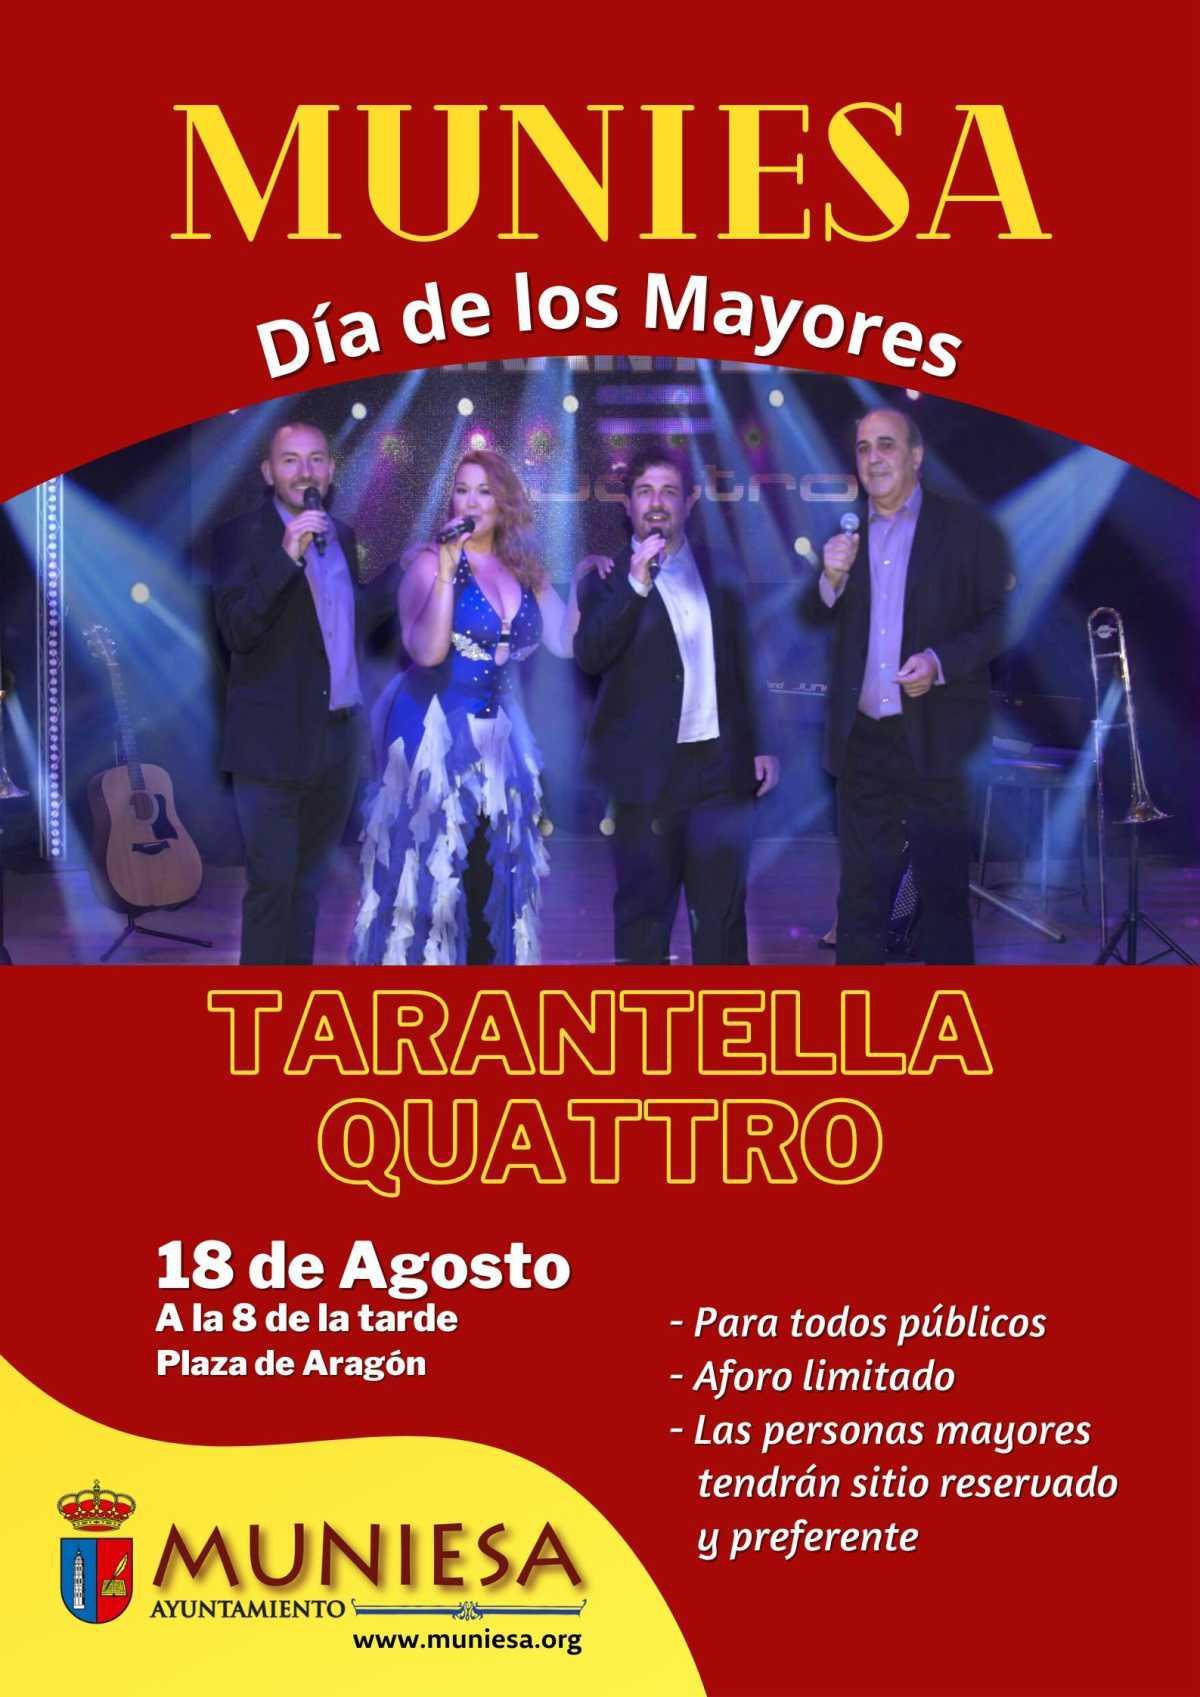 MUNIESA. MUSICAL ESPECTÁCULO DE SIEMPRE Y PARA TODOS